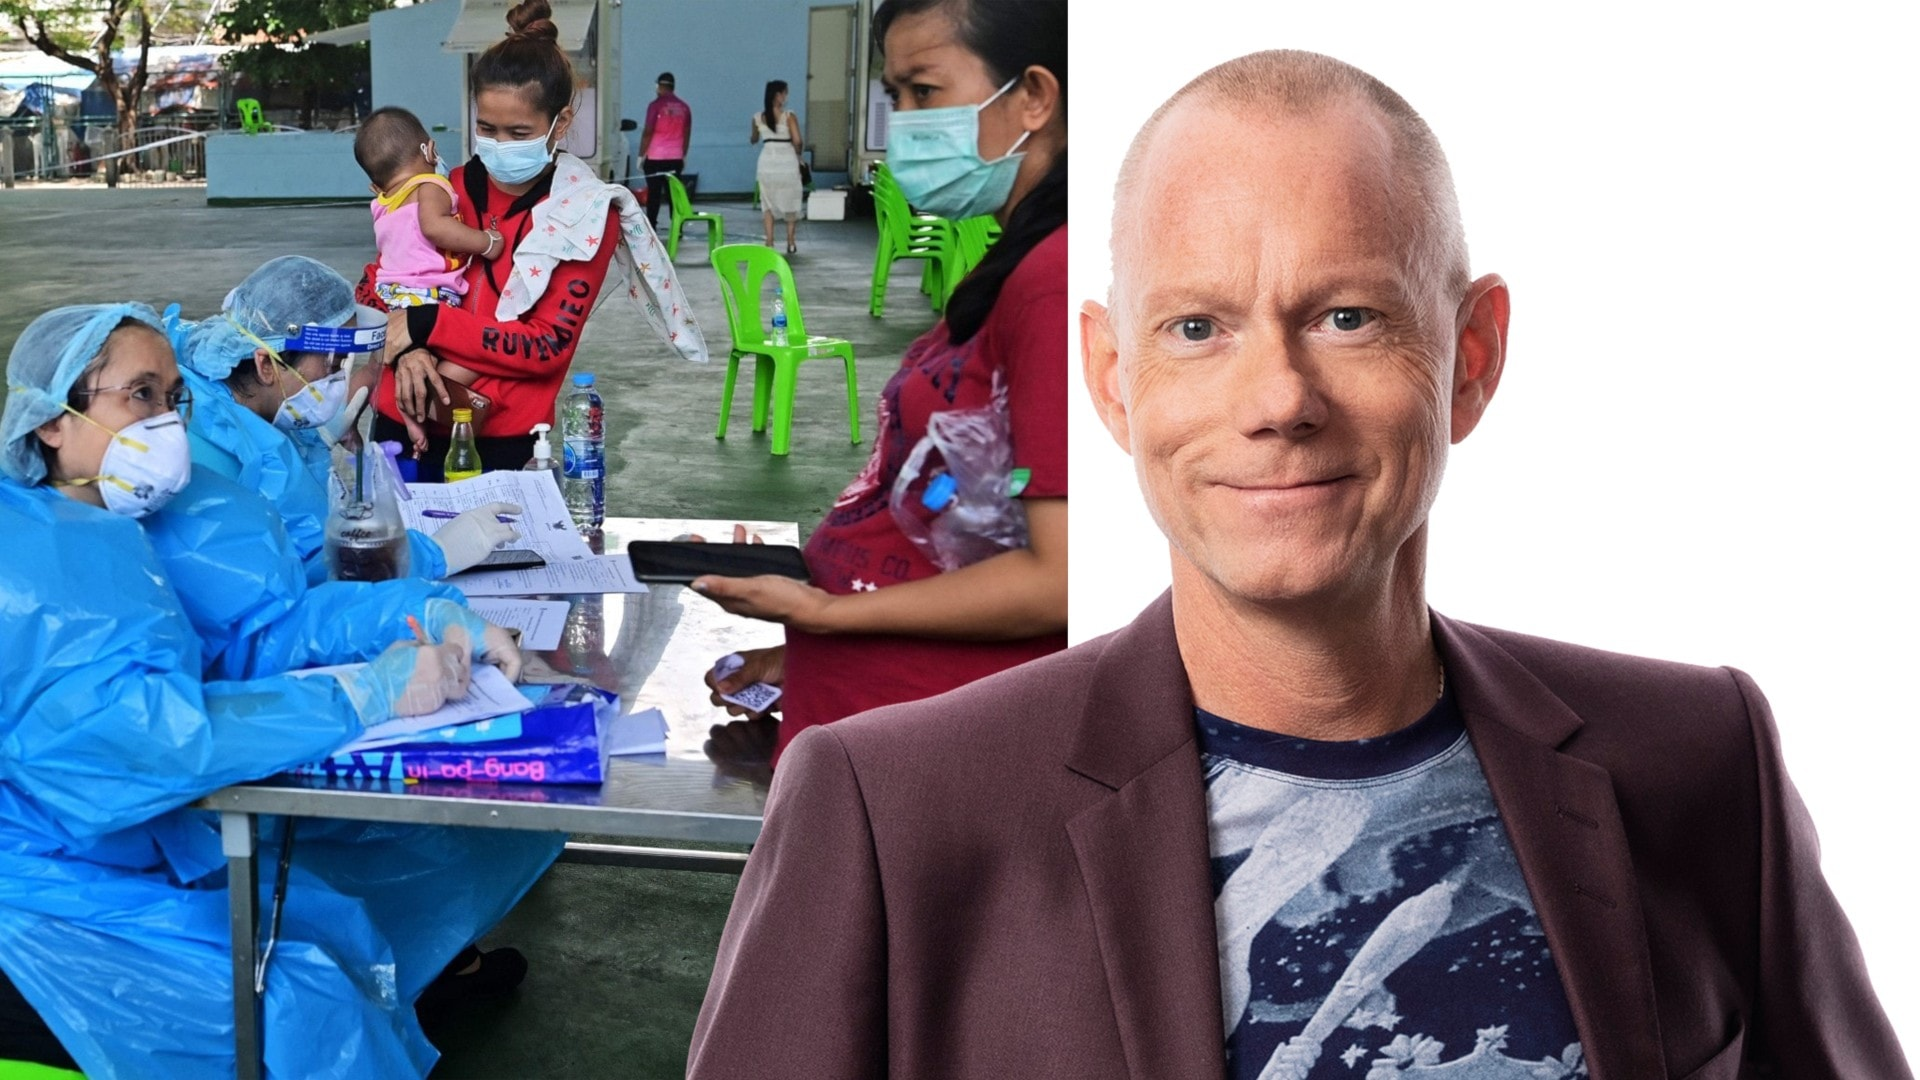 Underskatta aldrig en K-pop artists kraft: Peder Gustafsson, Bankok